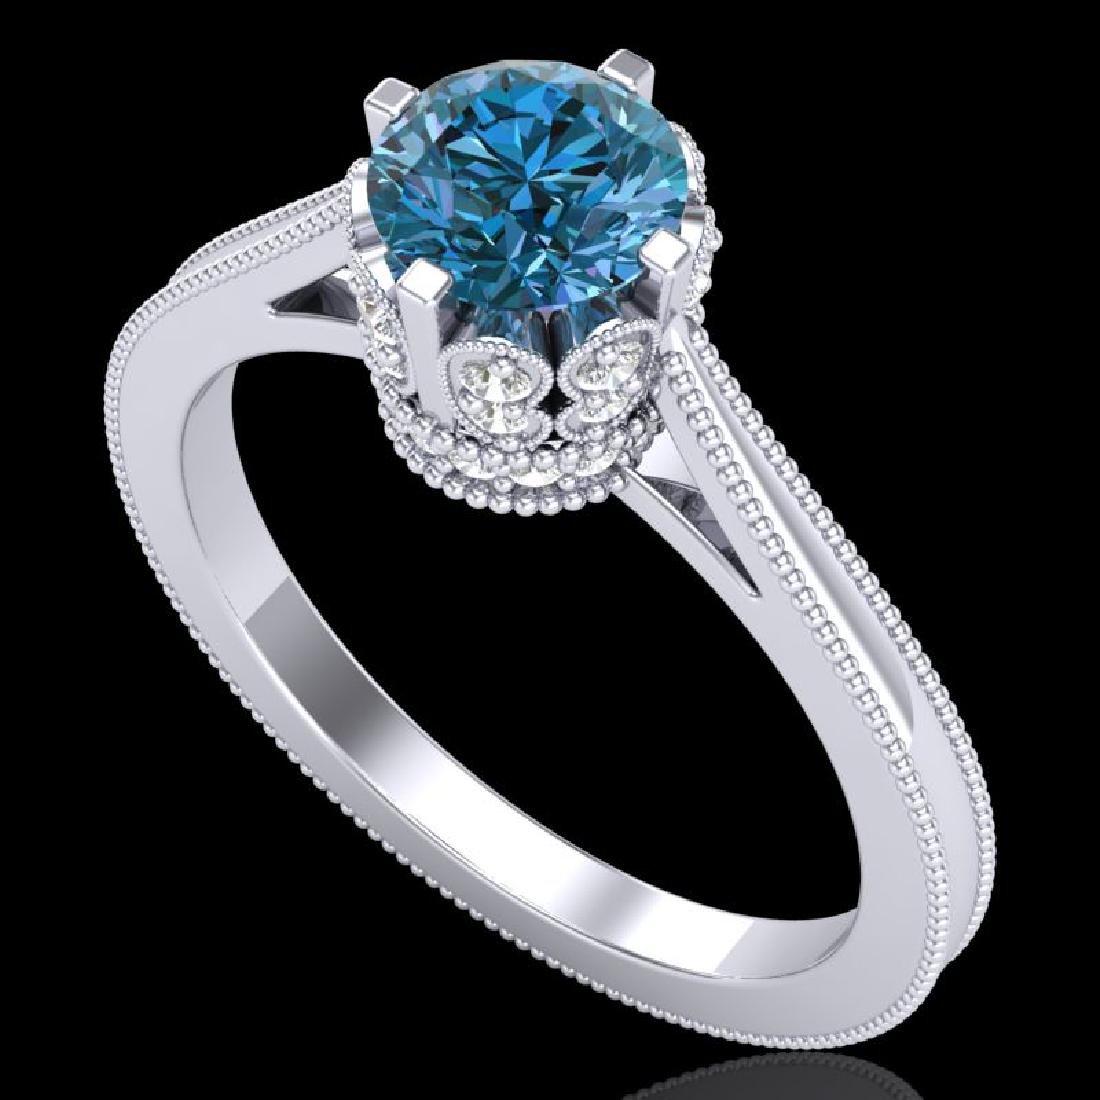 1.14 CTW Fancy Intense Blue Diamond Solitaire Art Deco